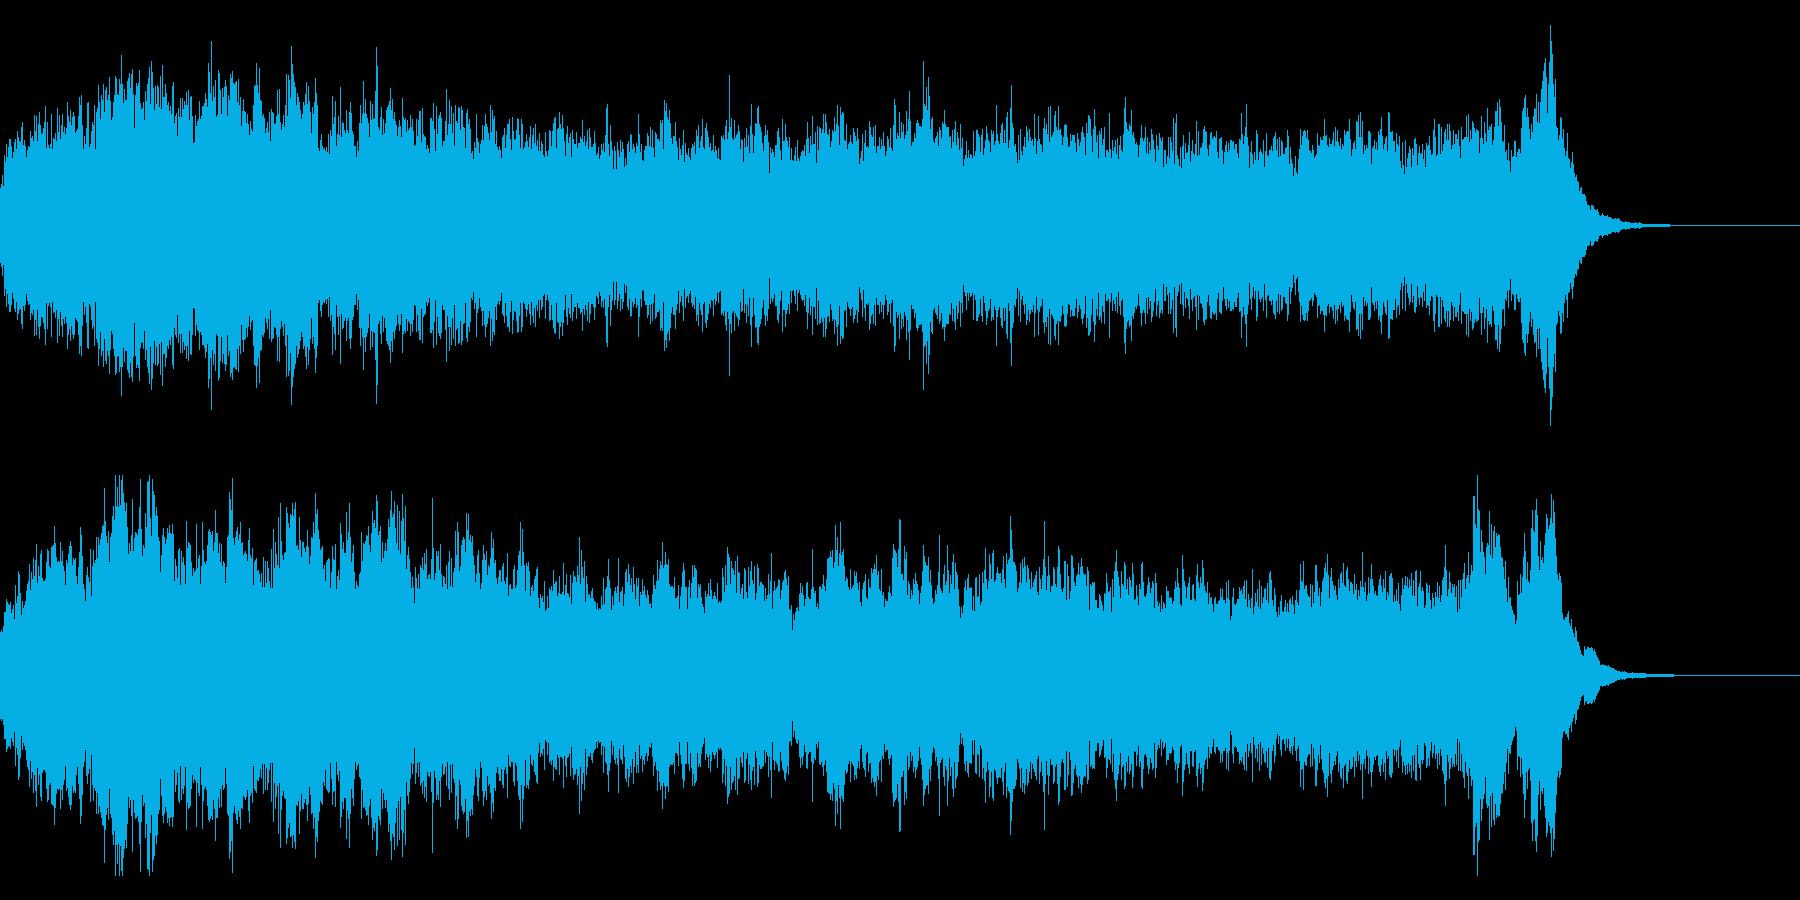 ブラームス 交響曲一番 冒頭のみの再生済みの波形